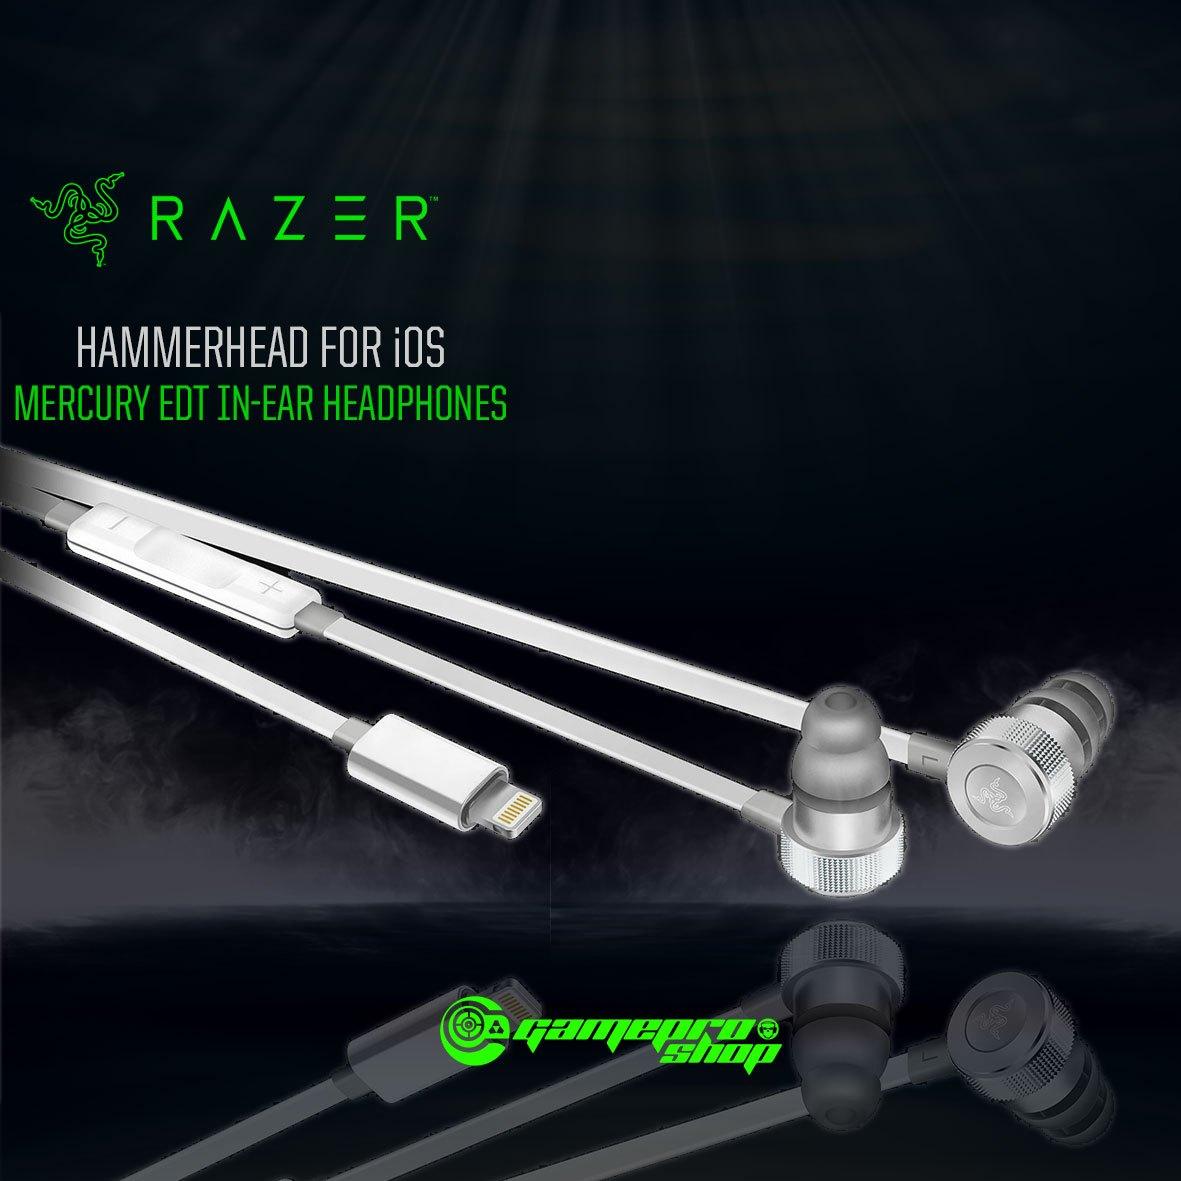 Razer Hammerhead For Ios Mercury Edition Rz04 02090200 R3m1 In Ear V2 Gaming Headset